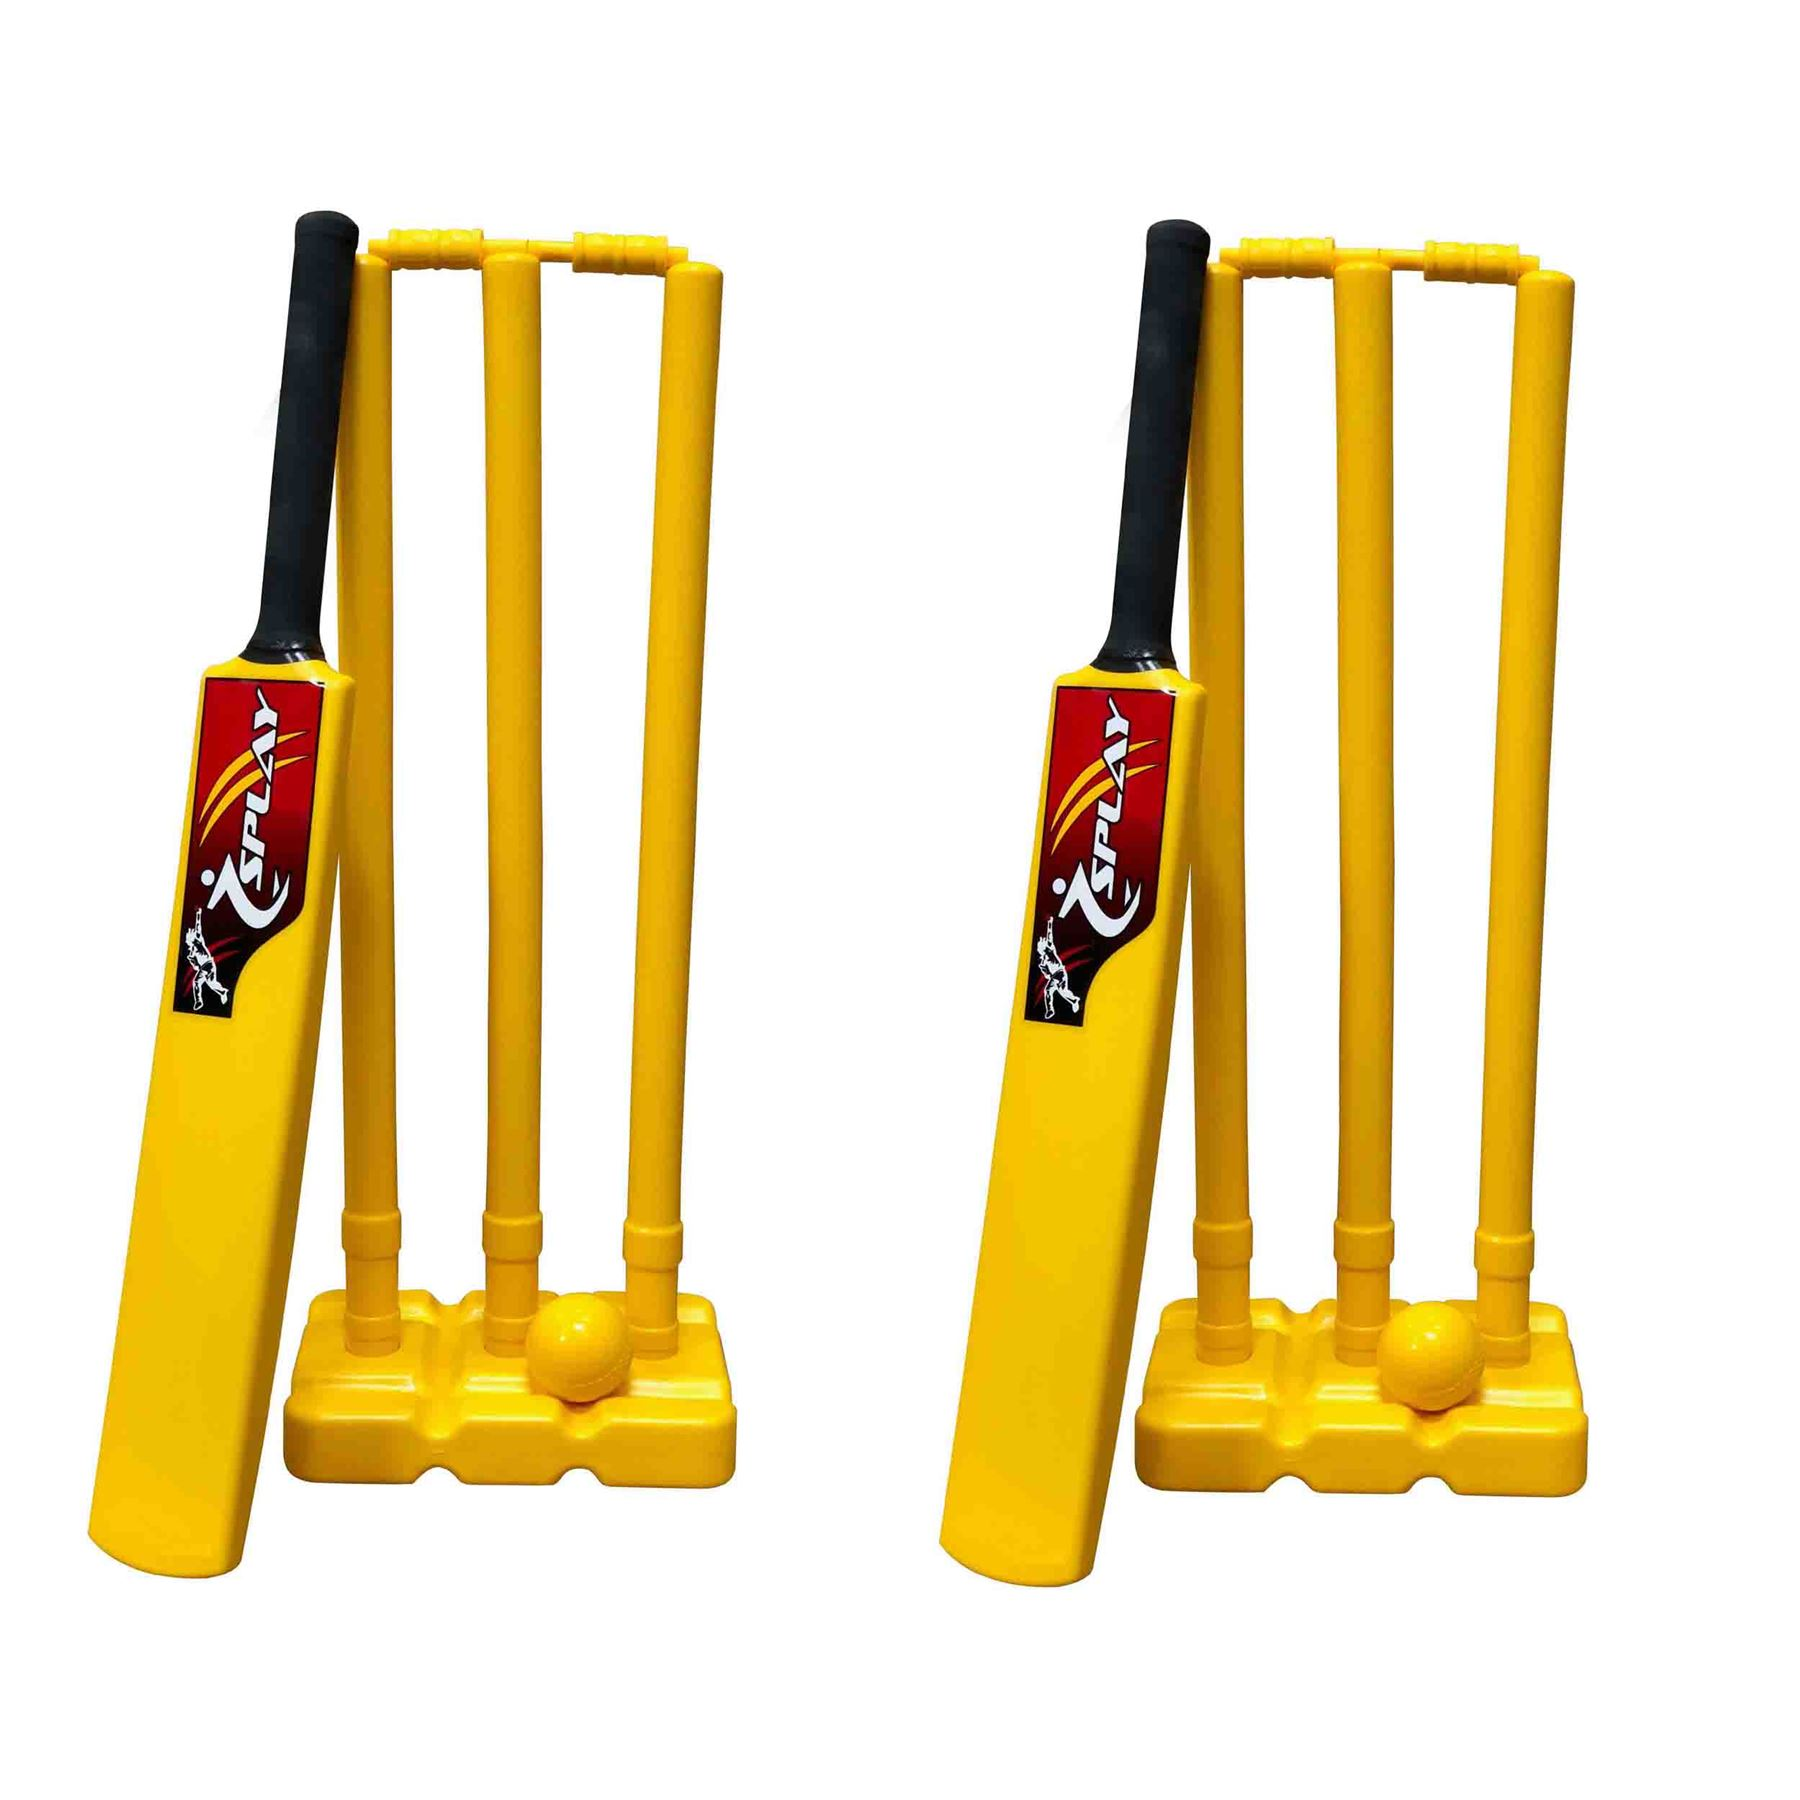 Kwik Balls Yellow Cricket Soft indoor training club outdoor windball wind ball